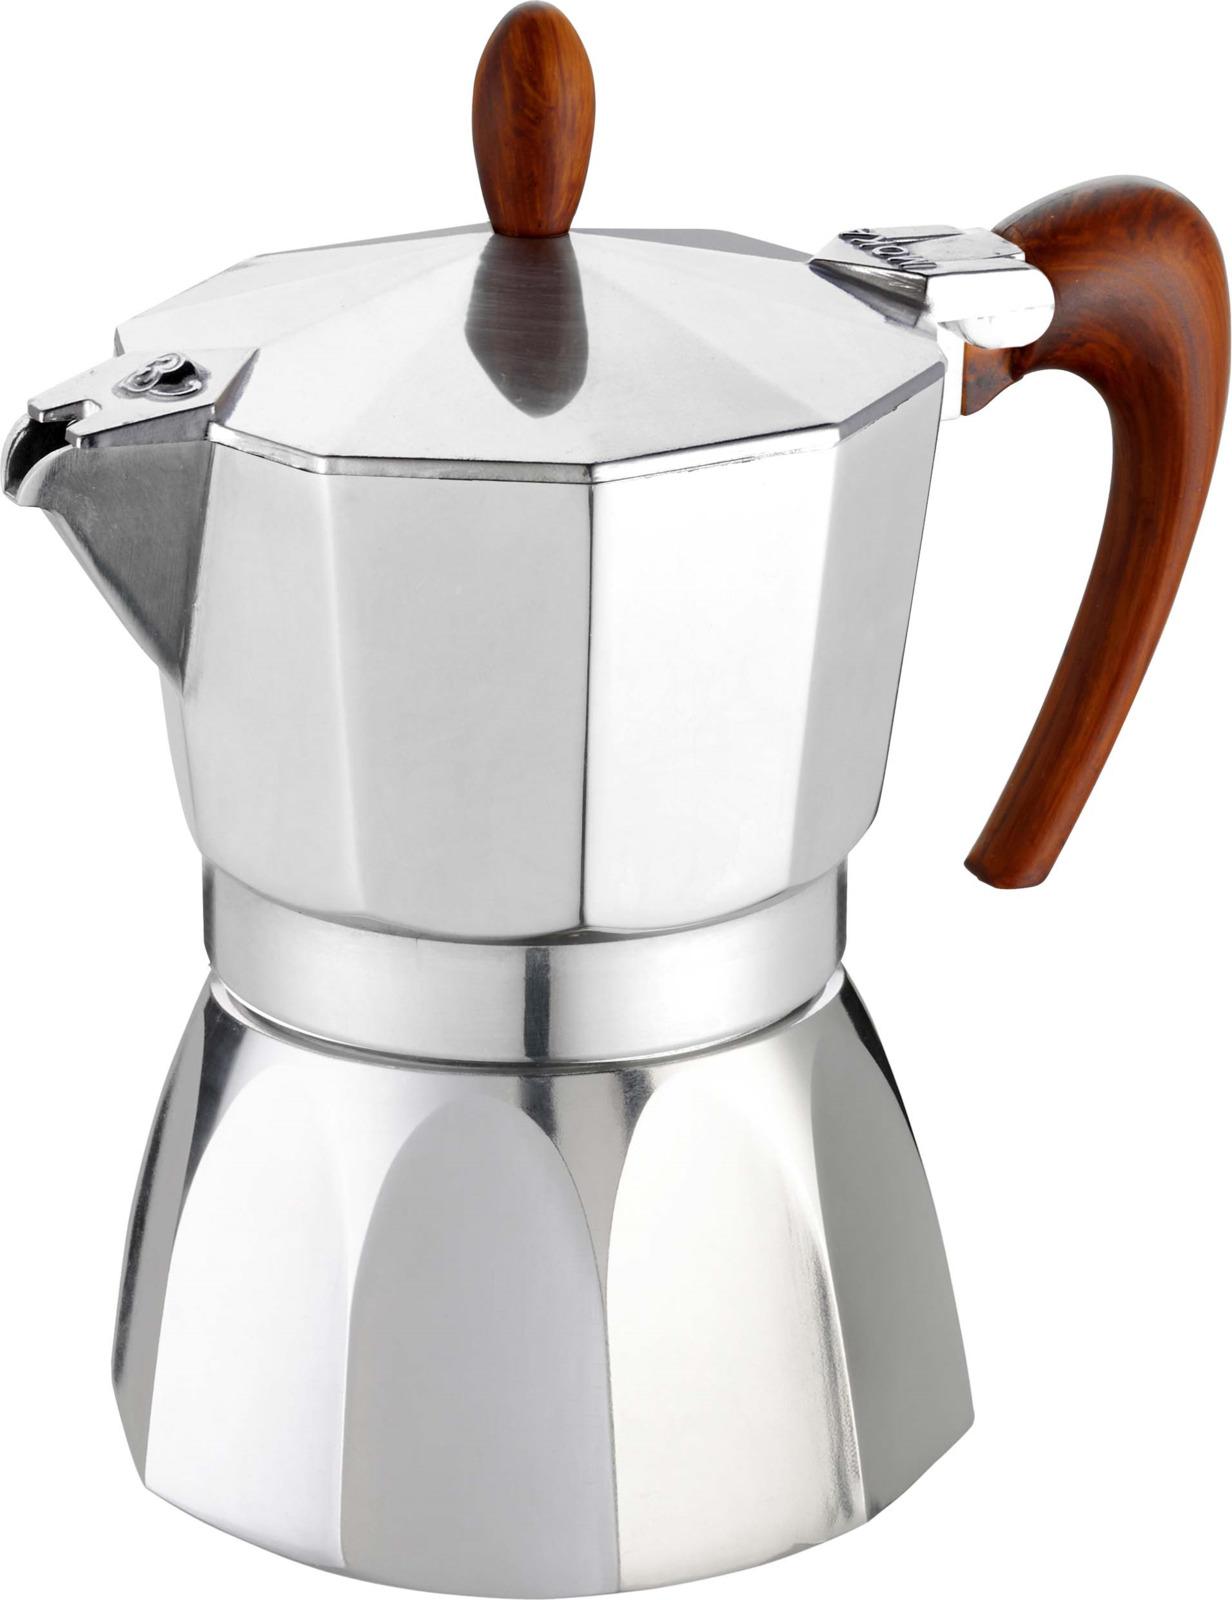 Кофеварка гейзерная G.A.T. 02-030-06 MAGNIFICA. Гейзерная кофеварка - это отличная возможность побаловать себя чашечкой великолепного ароматного кофе. Кофеварка рассчитана на 6 чашек. За считанные минуты прибор приготовит ваш любимый напиток и моментально наполнит кухню изумительным ароматом. Прочная алюминиевая основа придает кофеварке легкость и надежность, а стильный дизайн добавит кухонному интерьеру элегантности и особого шарма. Основные отличительные особенности кофеварок Magnifica: удобный носик для наливания кофе; стильный ремень, соединяющий верхнюю и нижнюю части кофеварки; специальное внутреннее покрытие, обеспечивающее легкую очистку и обслуживание; ручка из термостойкого пластика; кофеварка подходит для использования на всех типах плит, в том числе и индукционных.